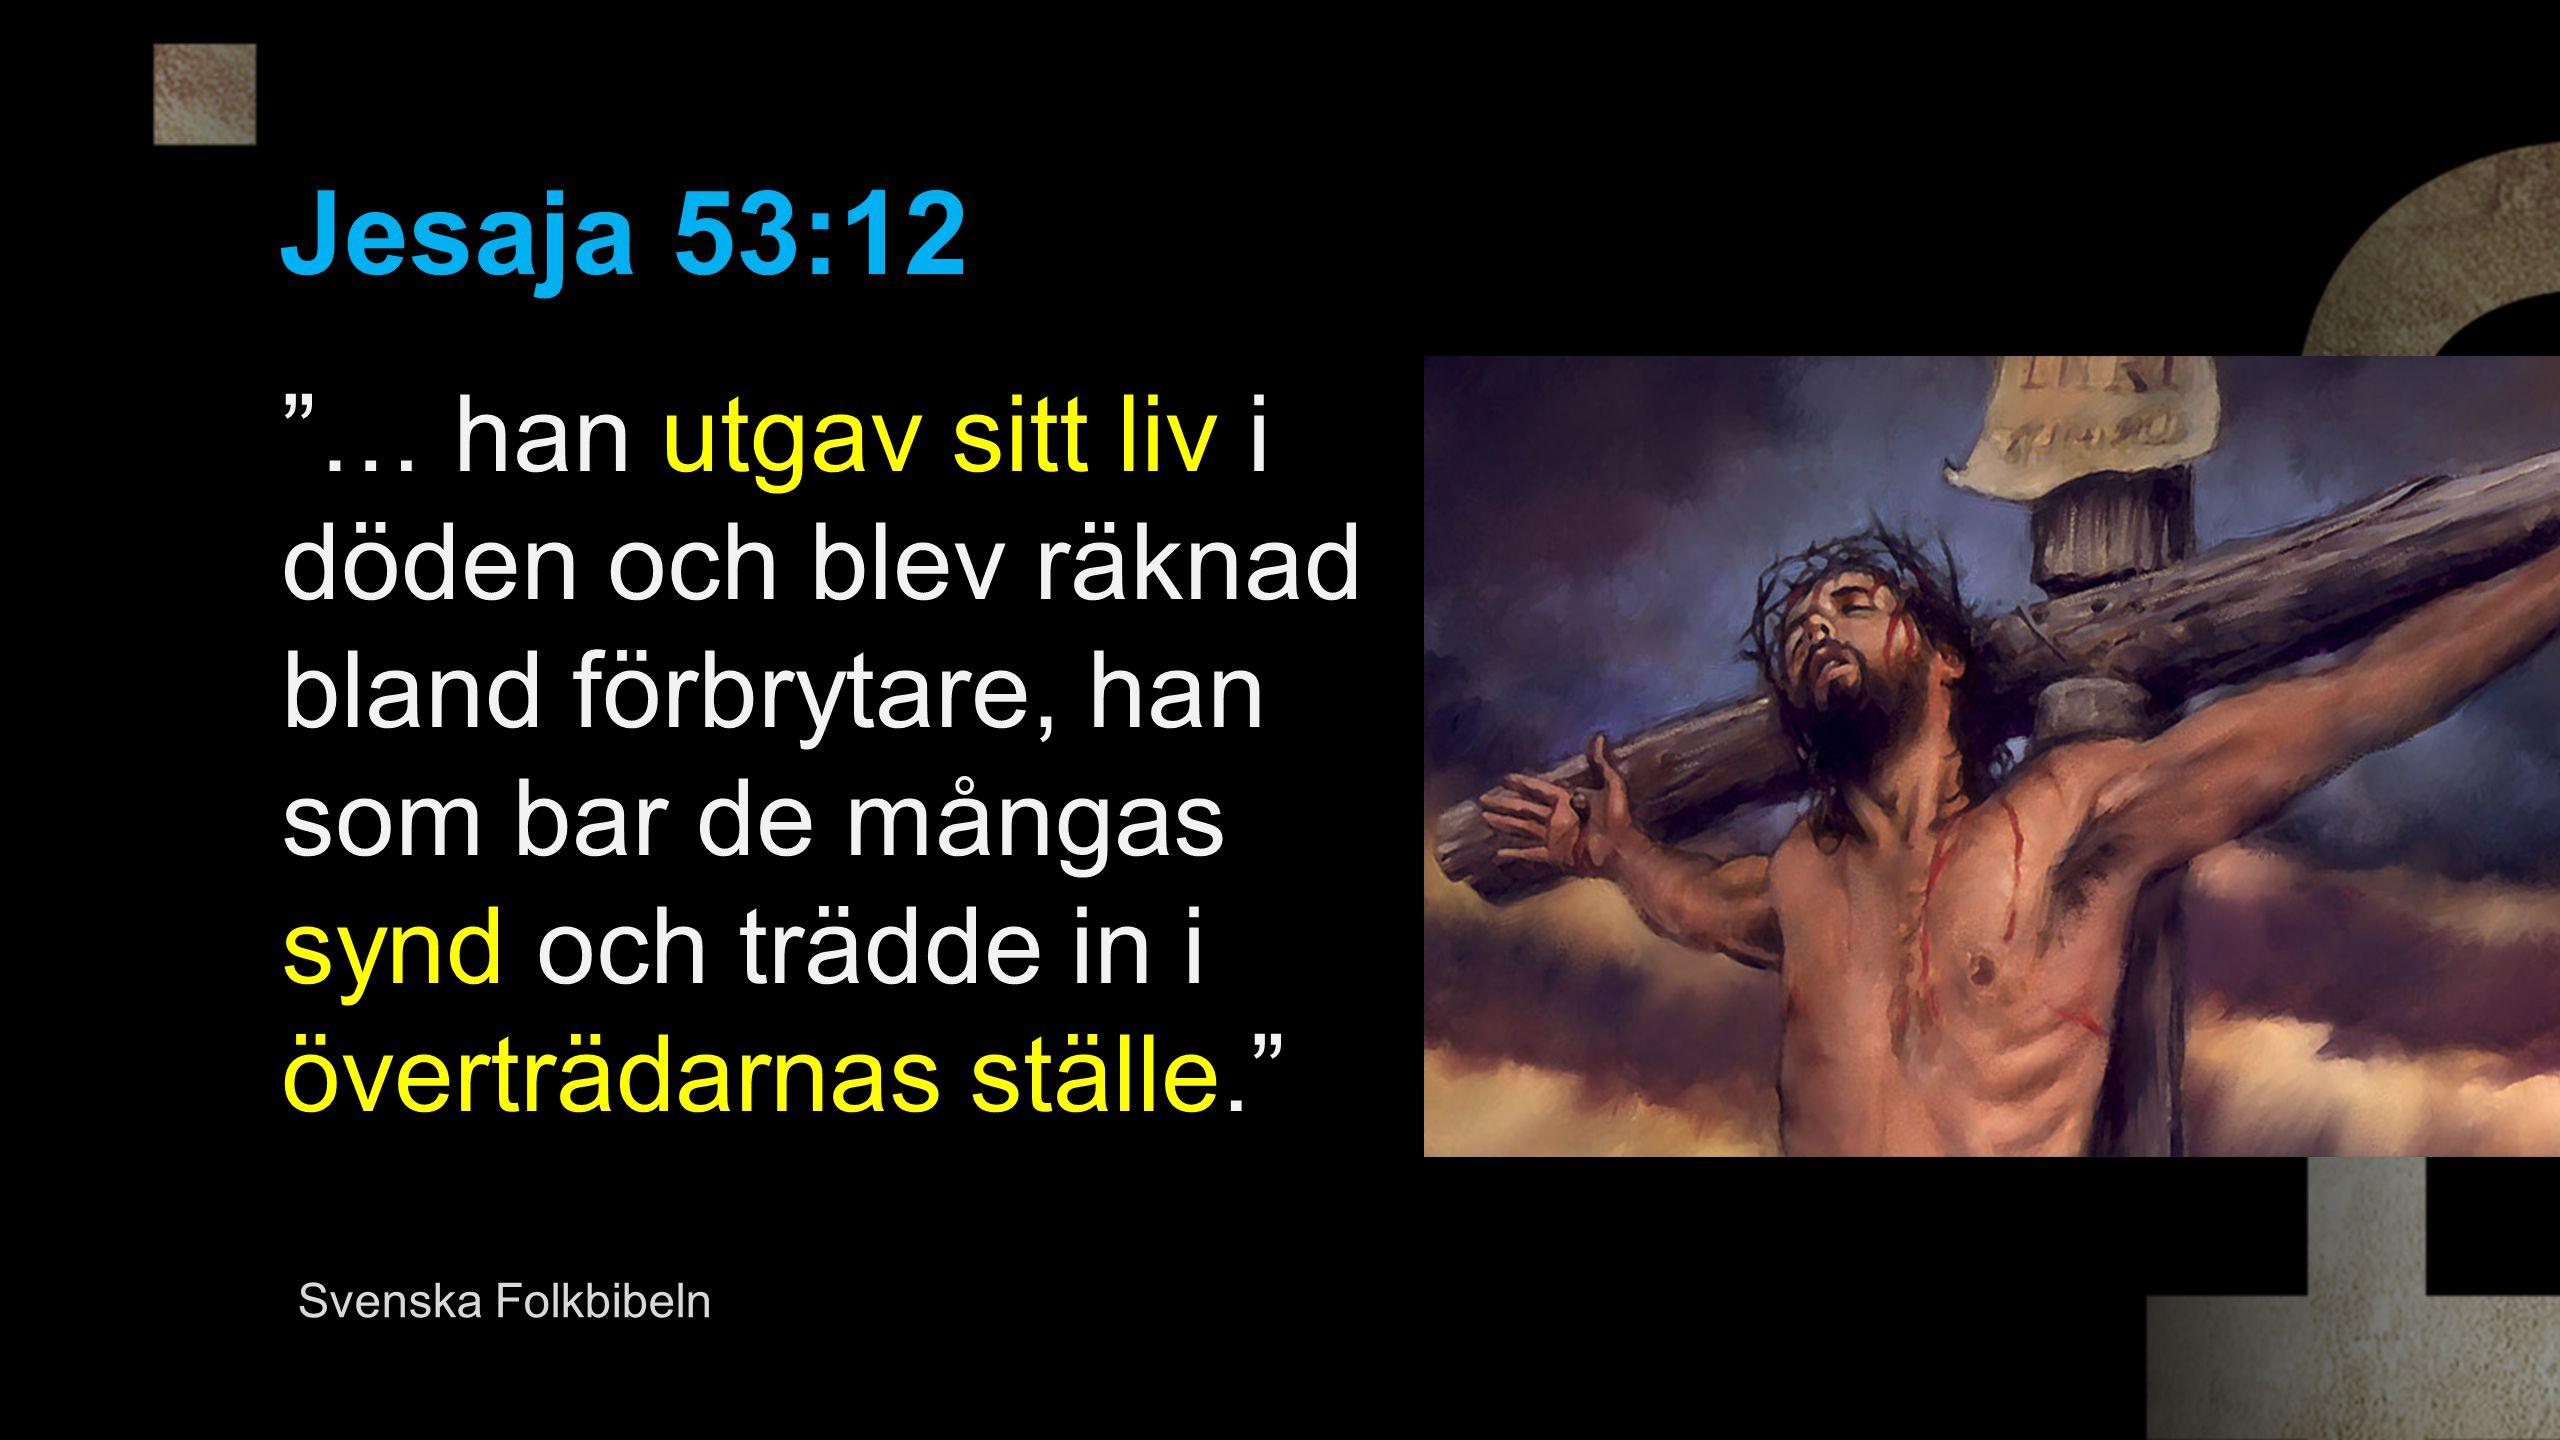 Jesaja 53:12 … han utgav sitt liv i döden och blev räknad bland förbrytare, han som bar de mångas synd och trädde in i överträdarnas ställe. Svenska Folkbibeln